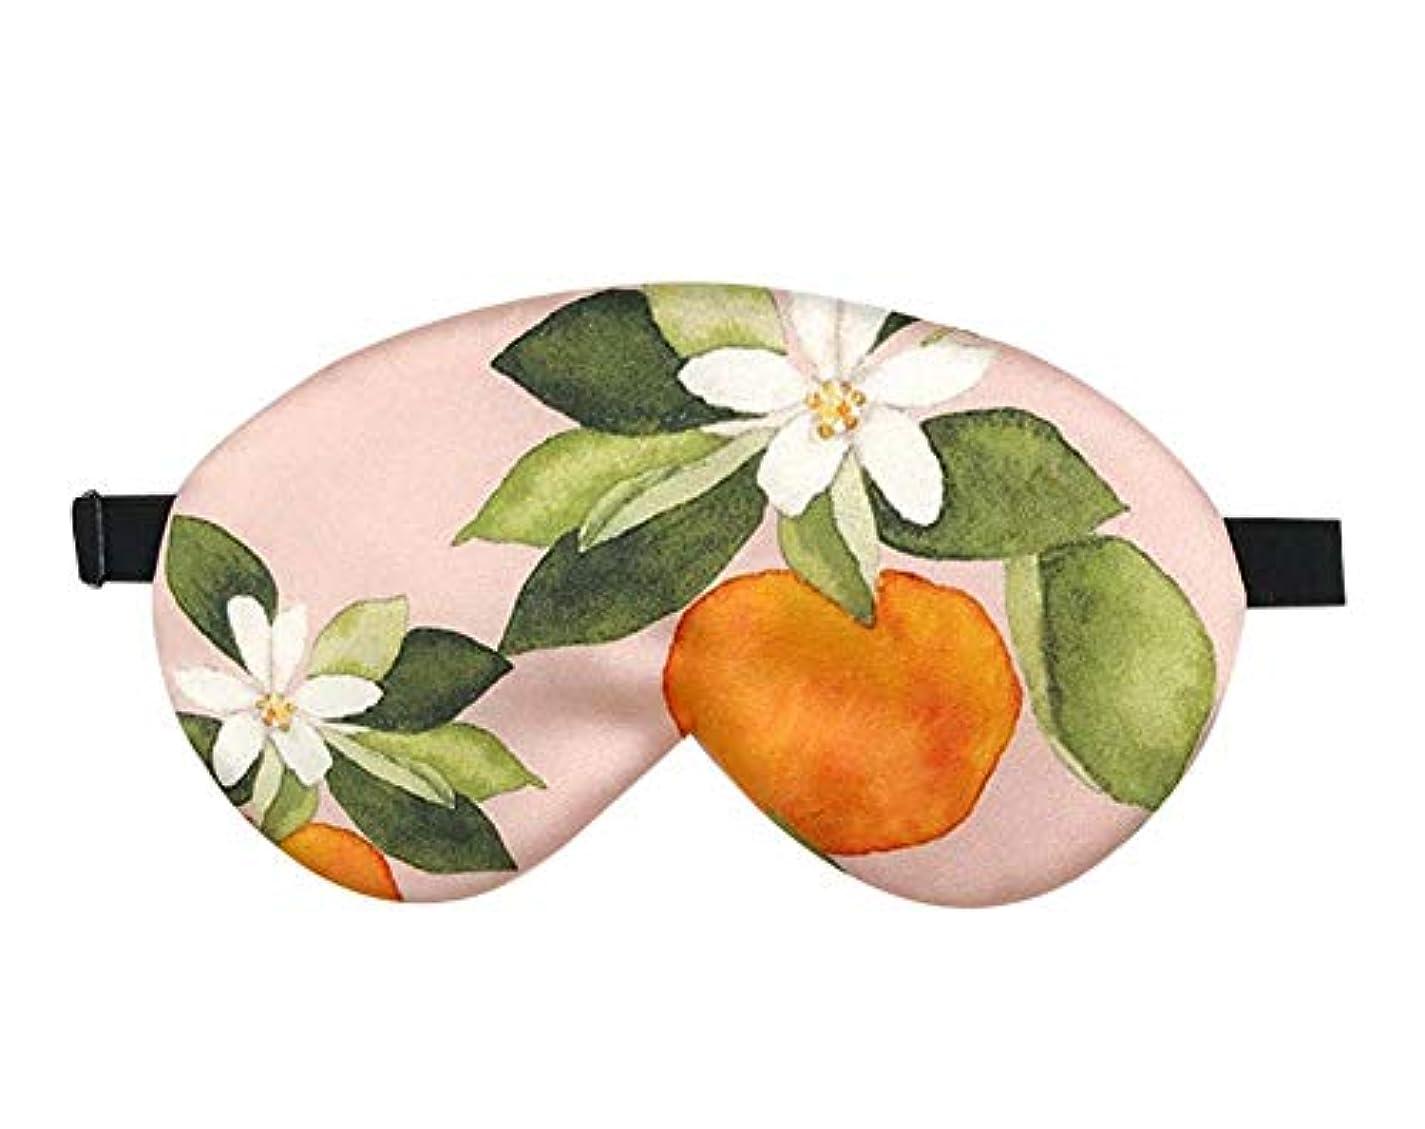 委任する花弁達成両面シルクアイマスク調節可能なストラップ付きのエレガントなアイシェードスリープアイマスク (小オレンジ)